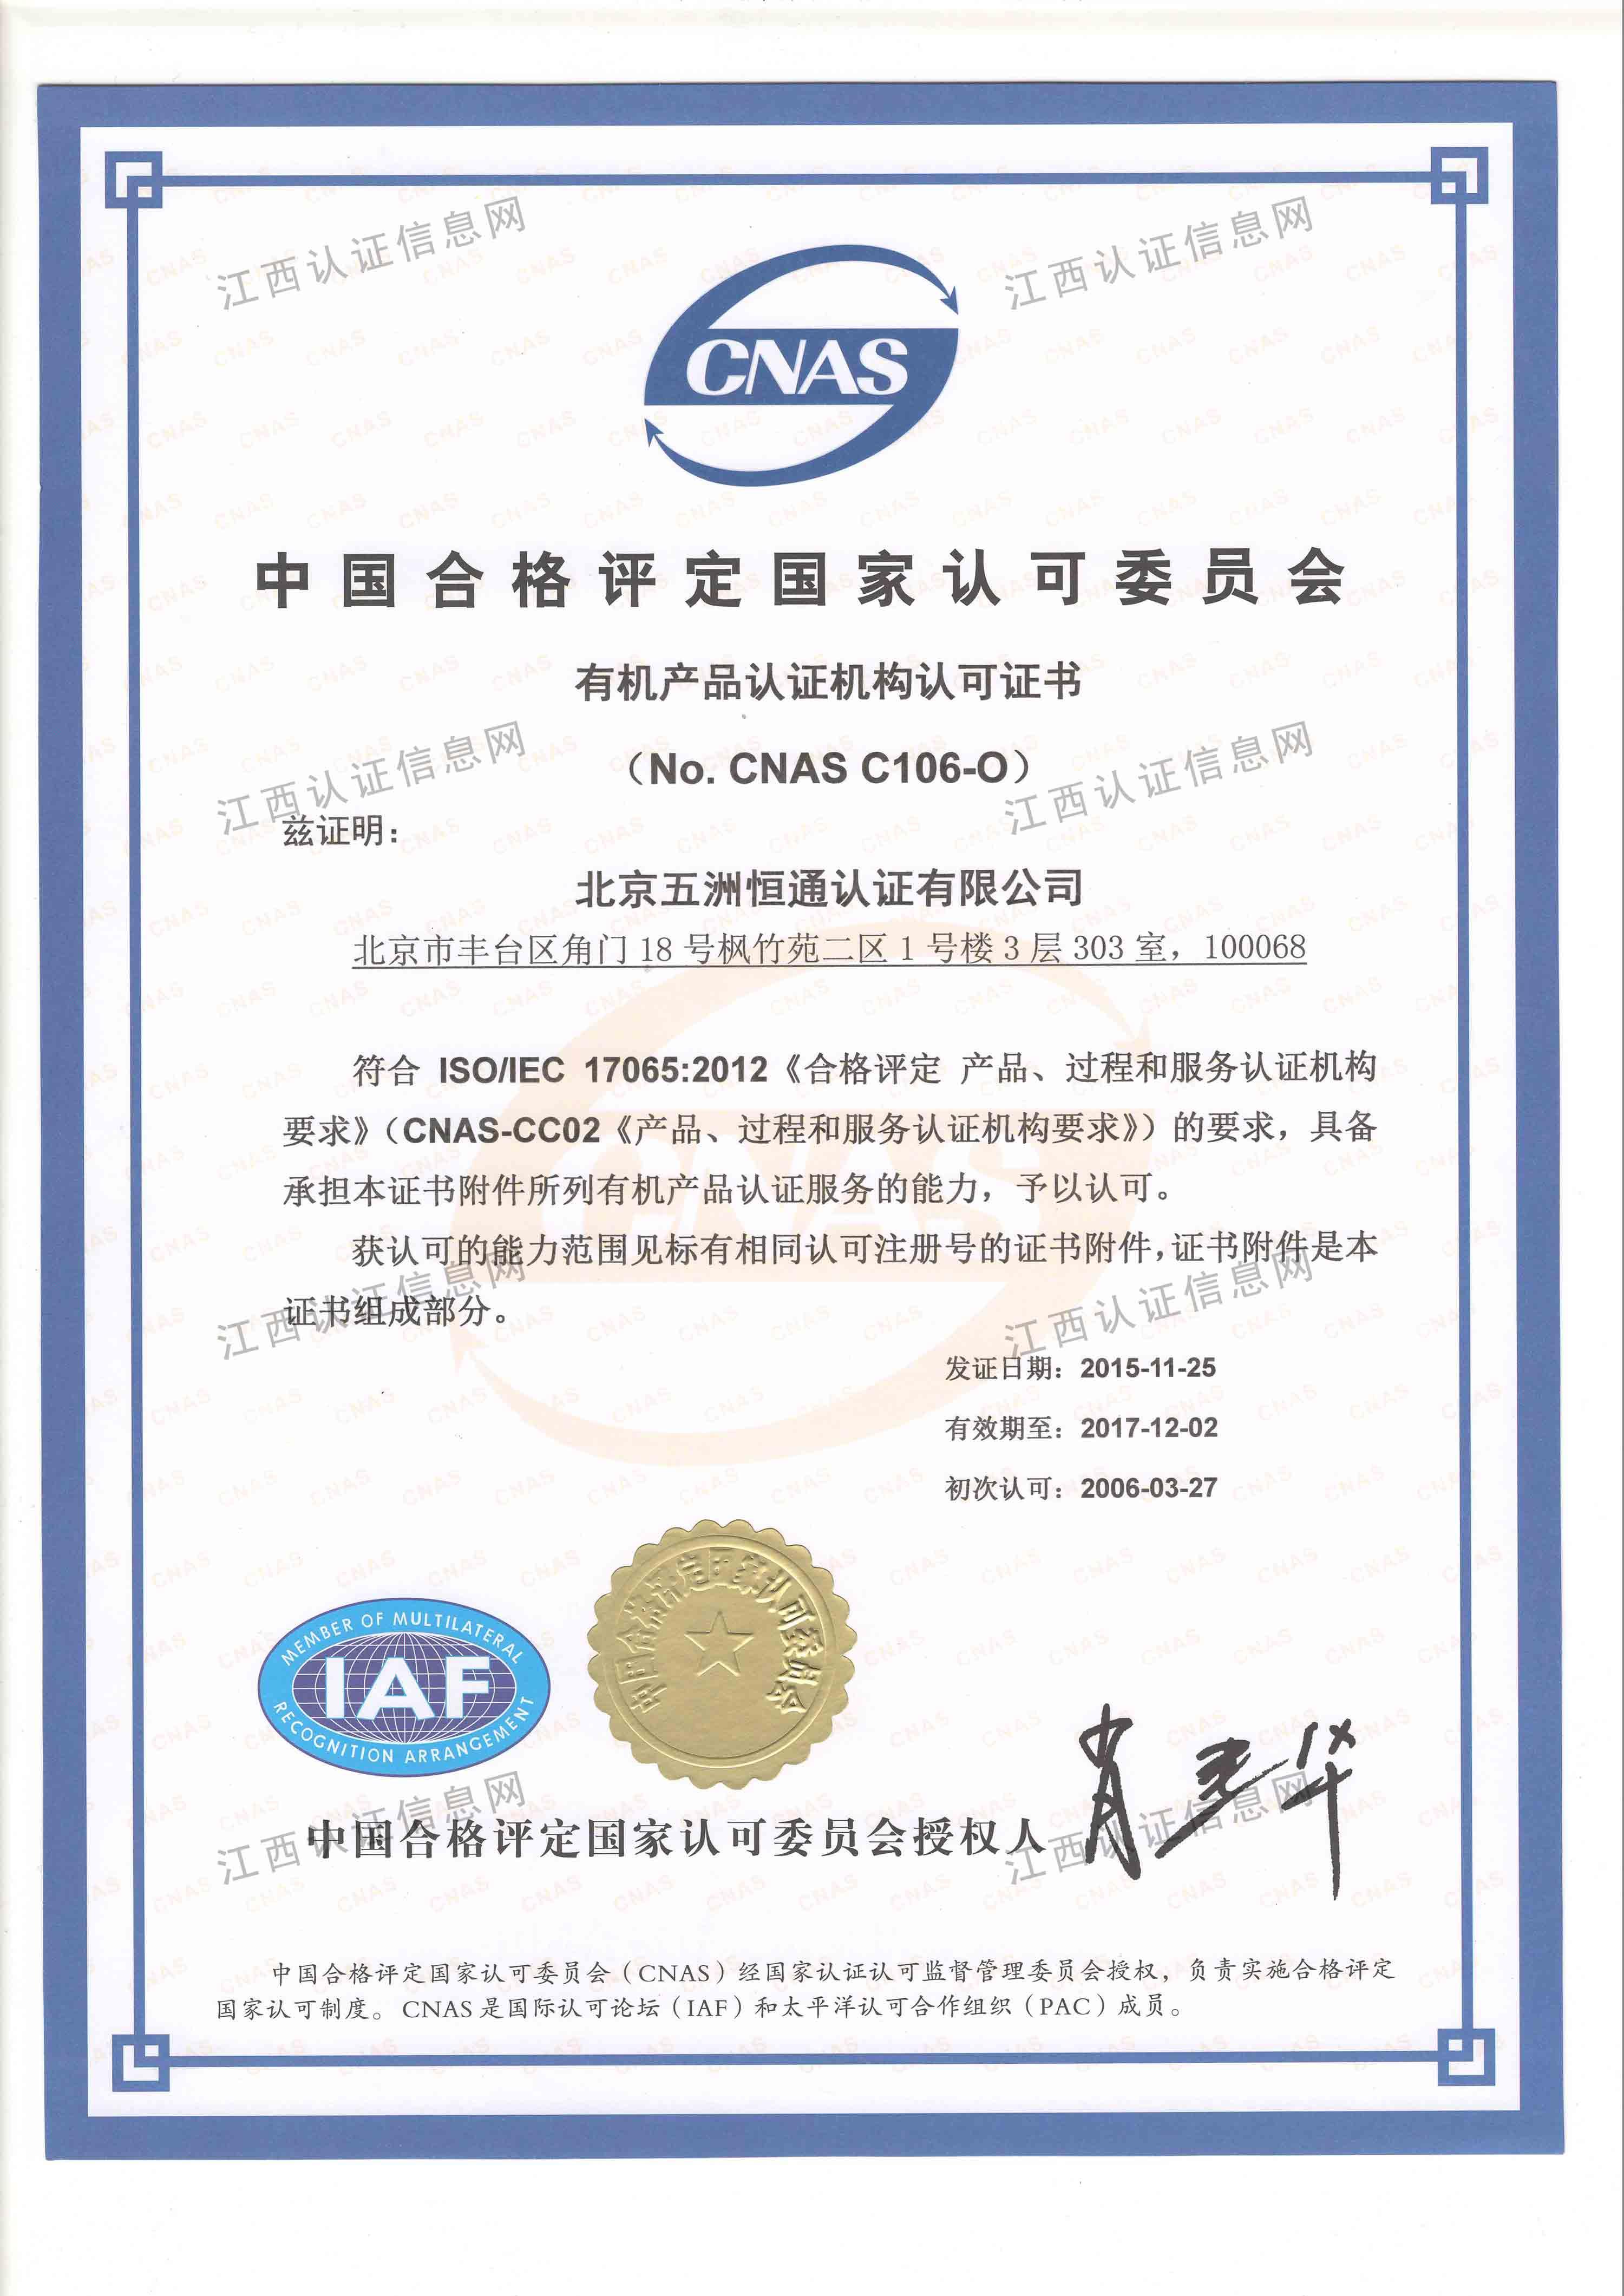 有机产品认证机构认可证书